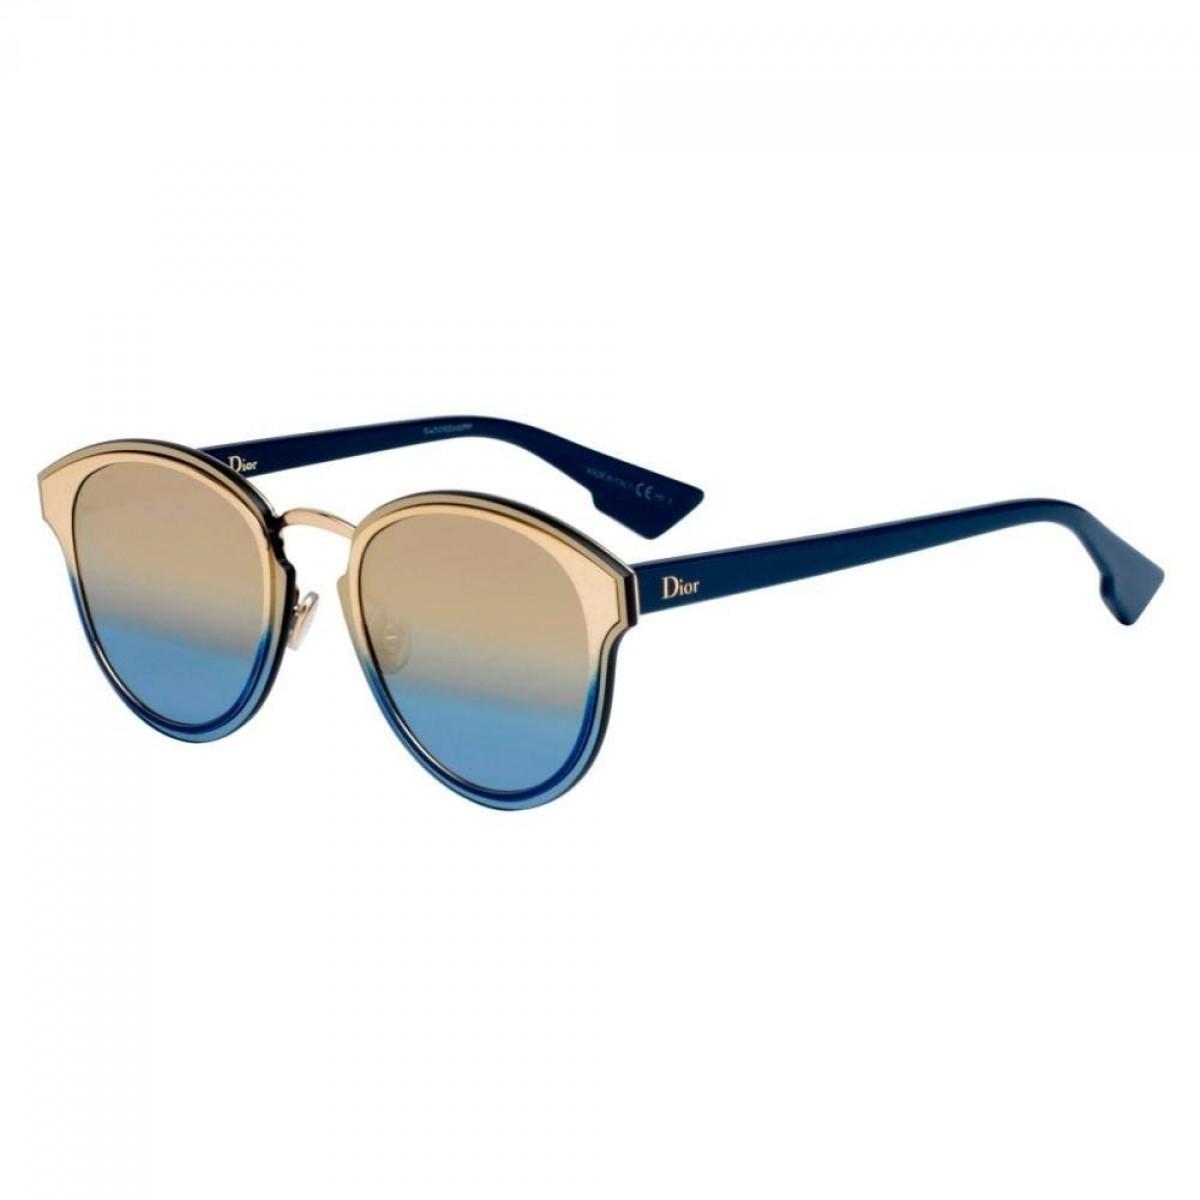 Dior Nightfall LKSX5 63, 269,99€, Occhiali Dior Blu a forma Rotondo